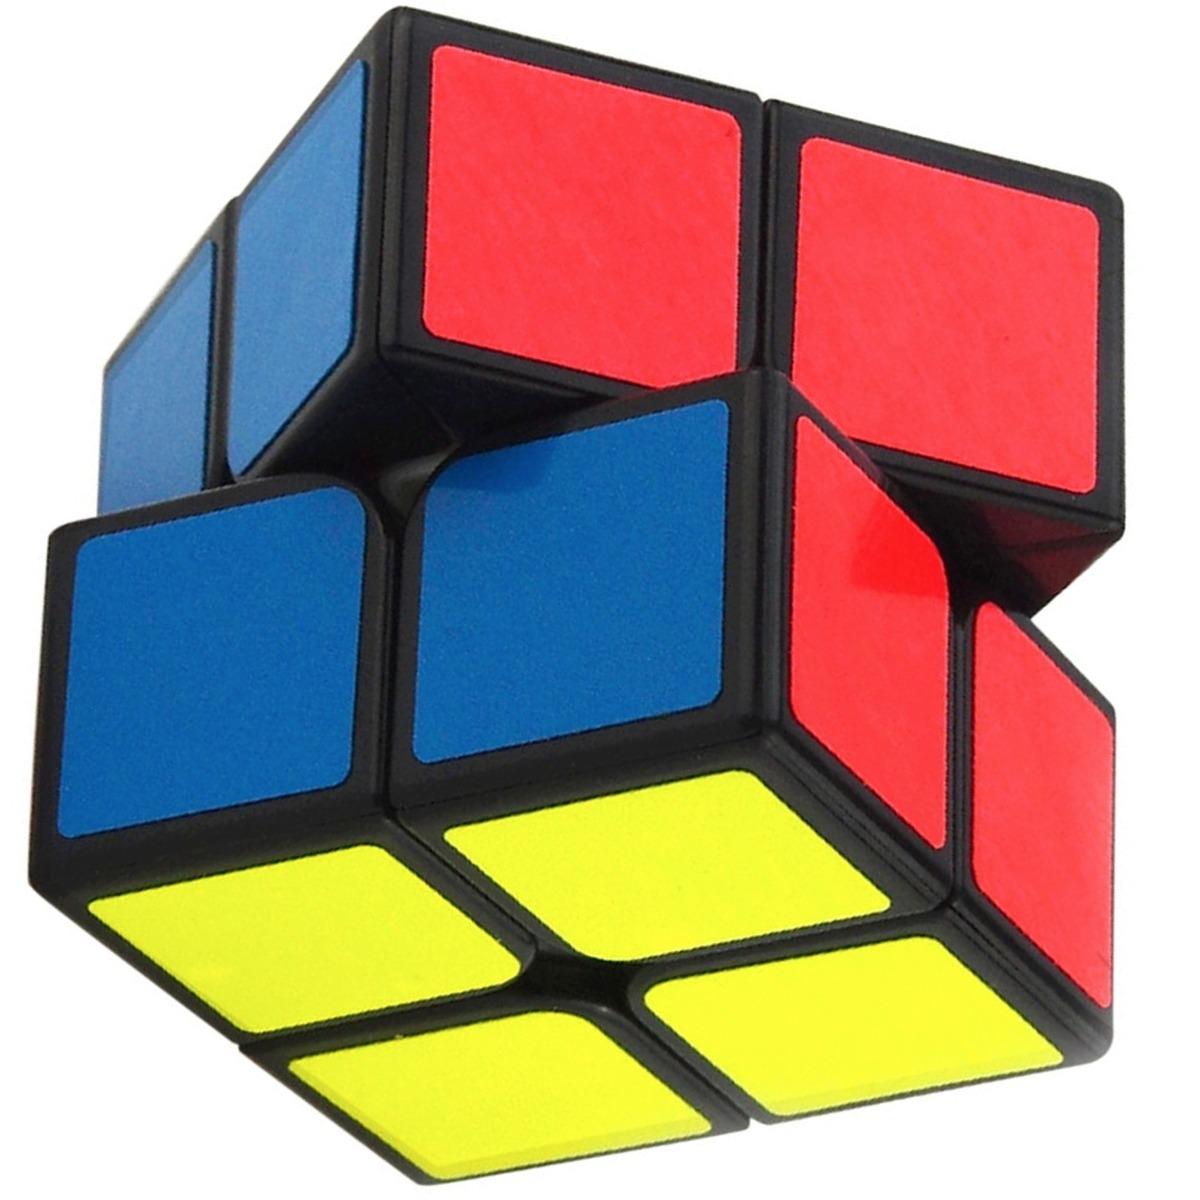 Cubo rubik shengshou 2x2 aurora base negra j1031 for Cubo de luz para jardin